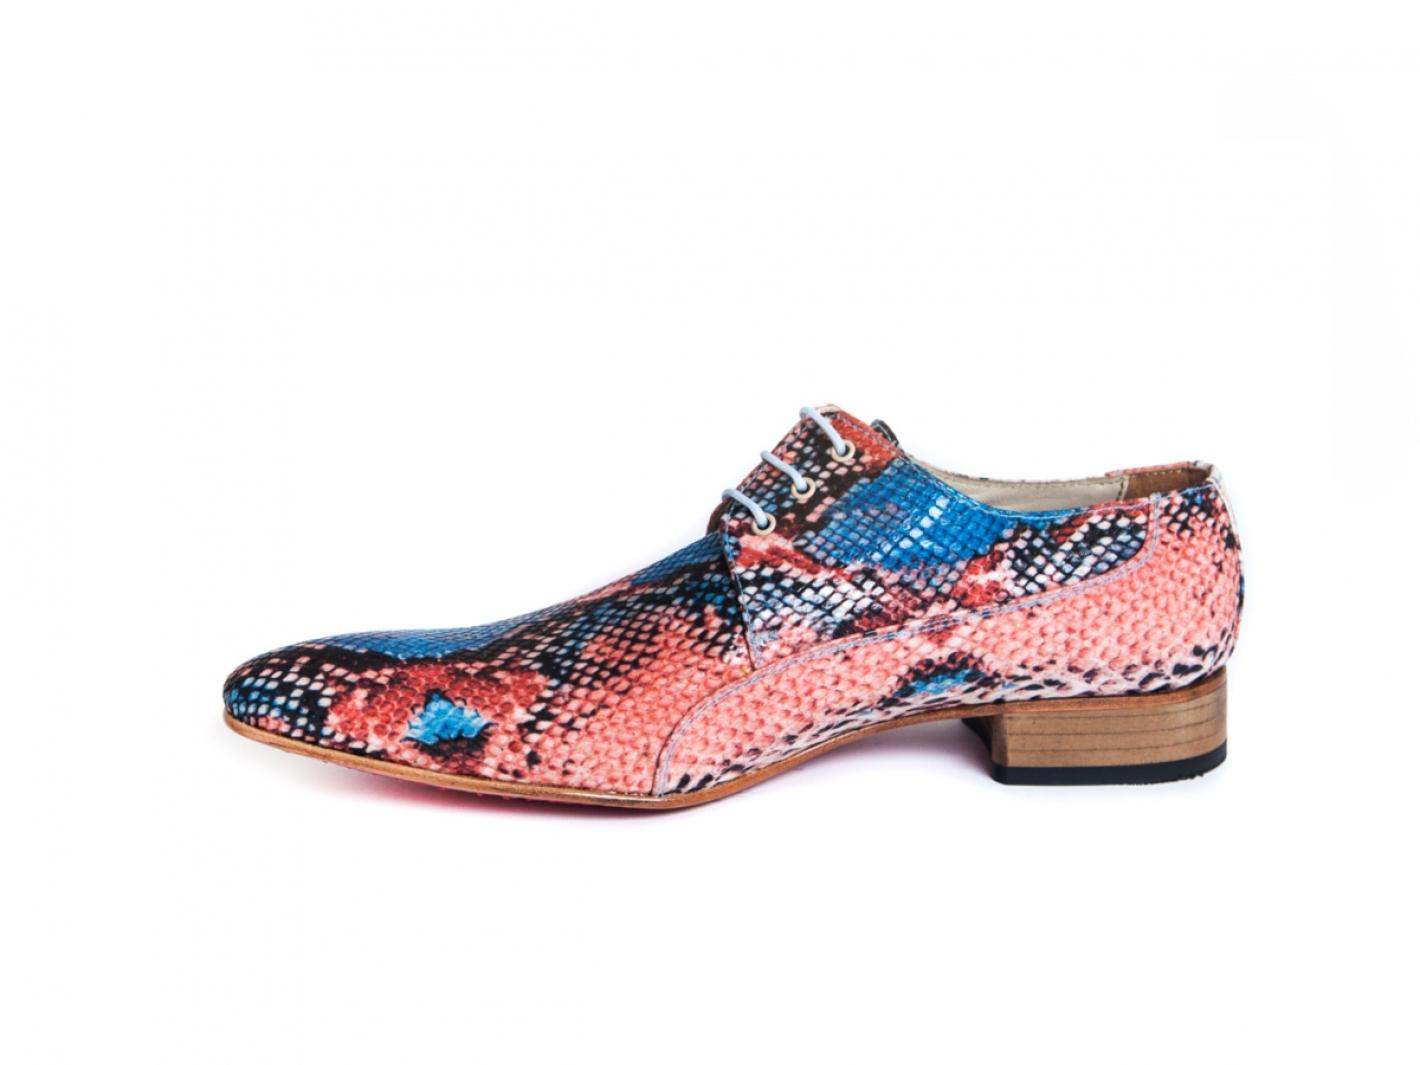 Mod le de chaussure cambodge fabriqu en serpent corallien for Acheter maison cambodge